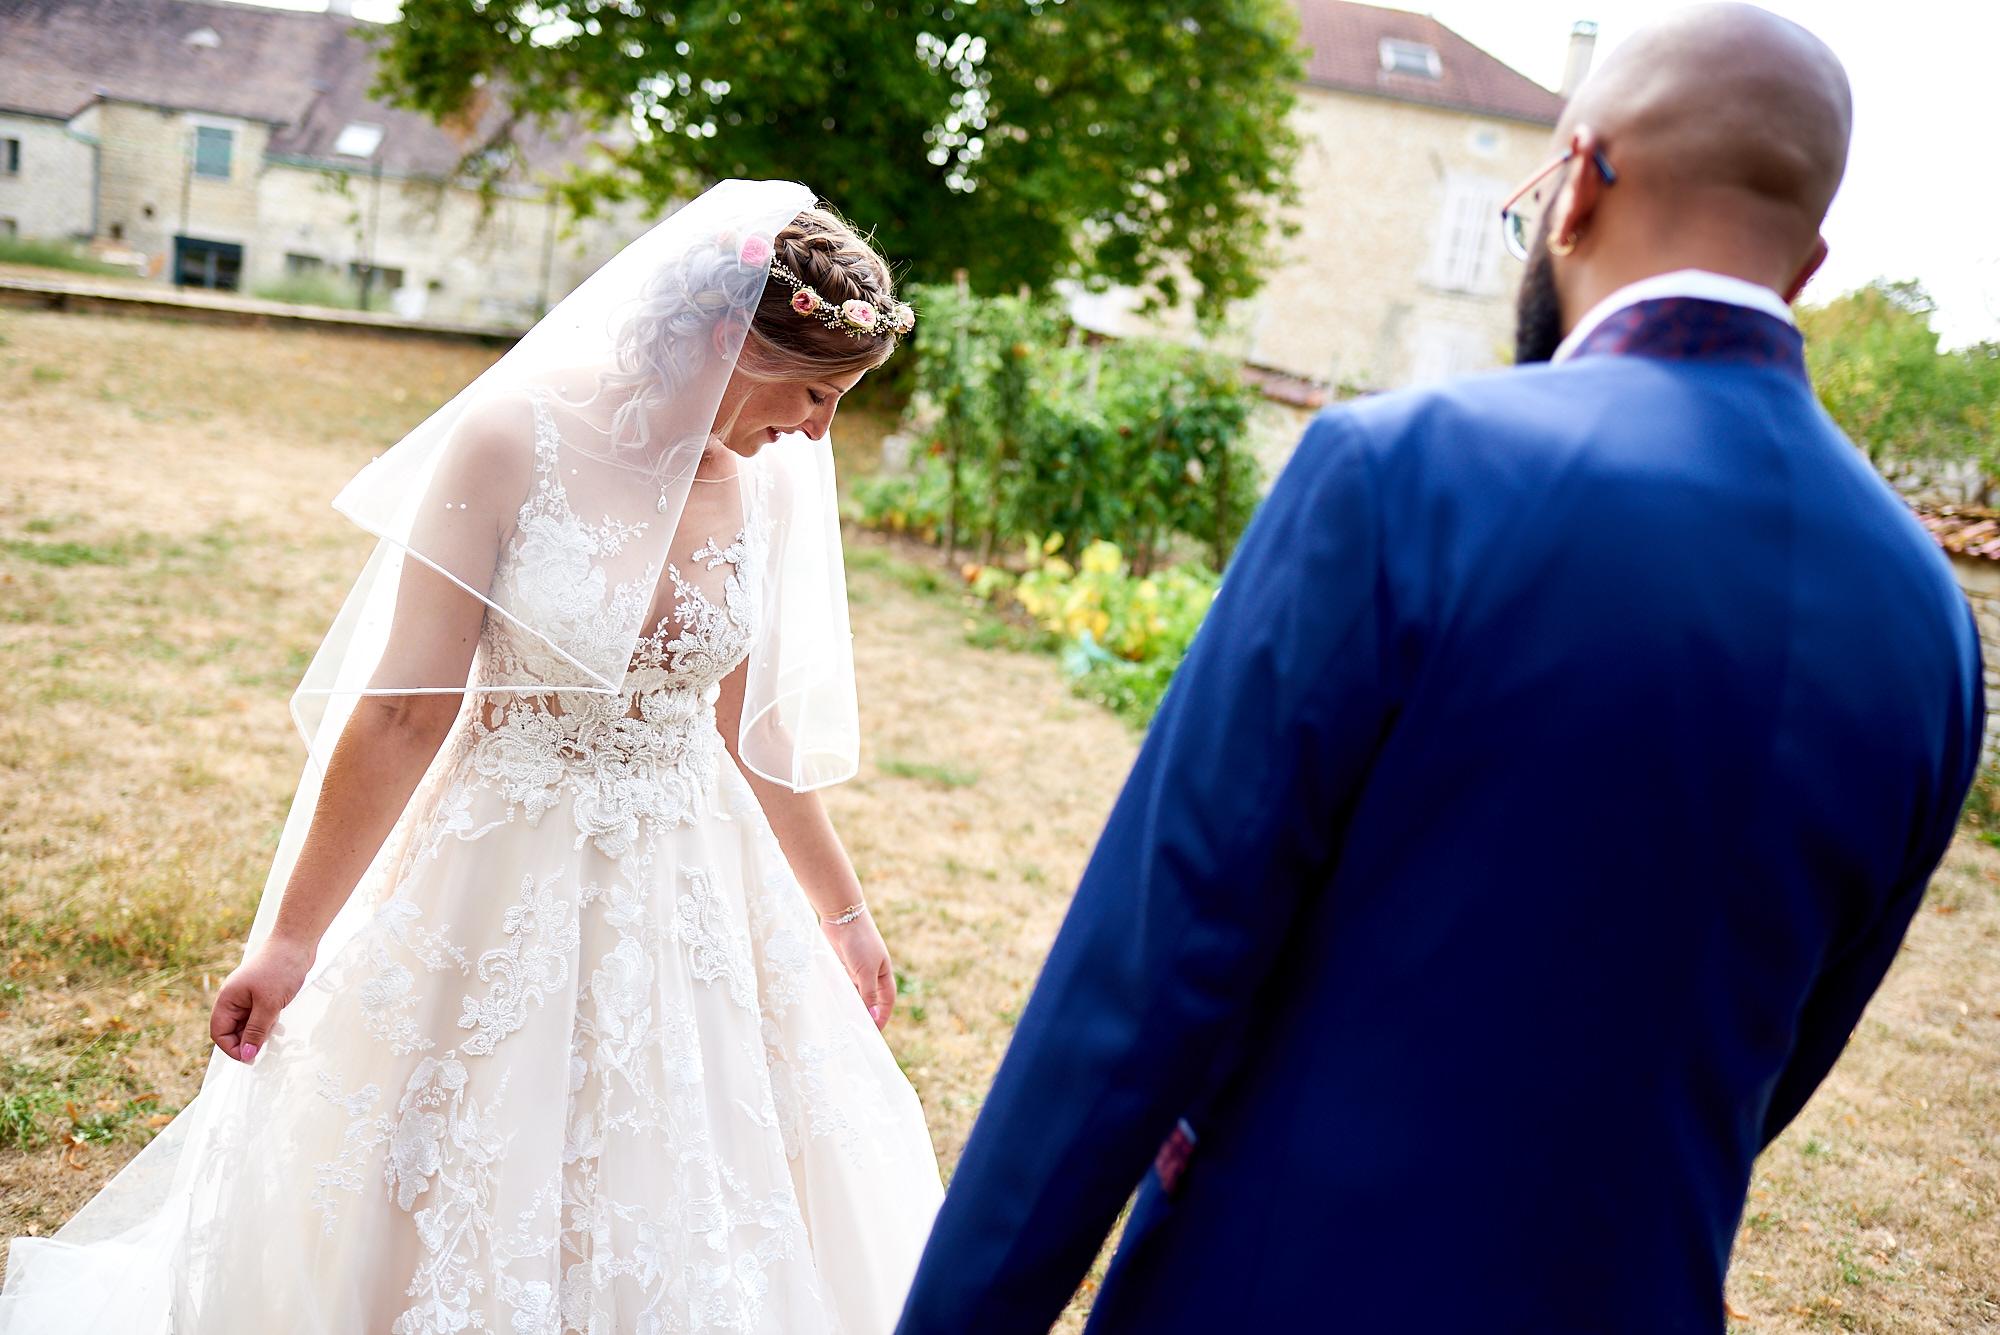 Photographe de mariage à Auxerre en Bourgogne-Franche-Comté | Premiers regards